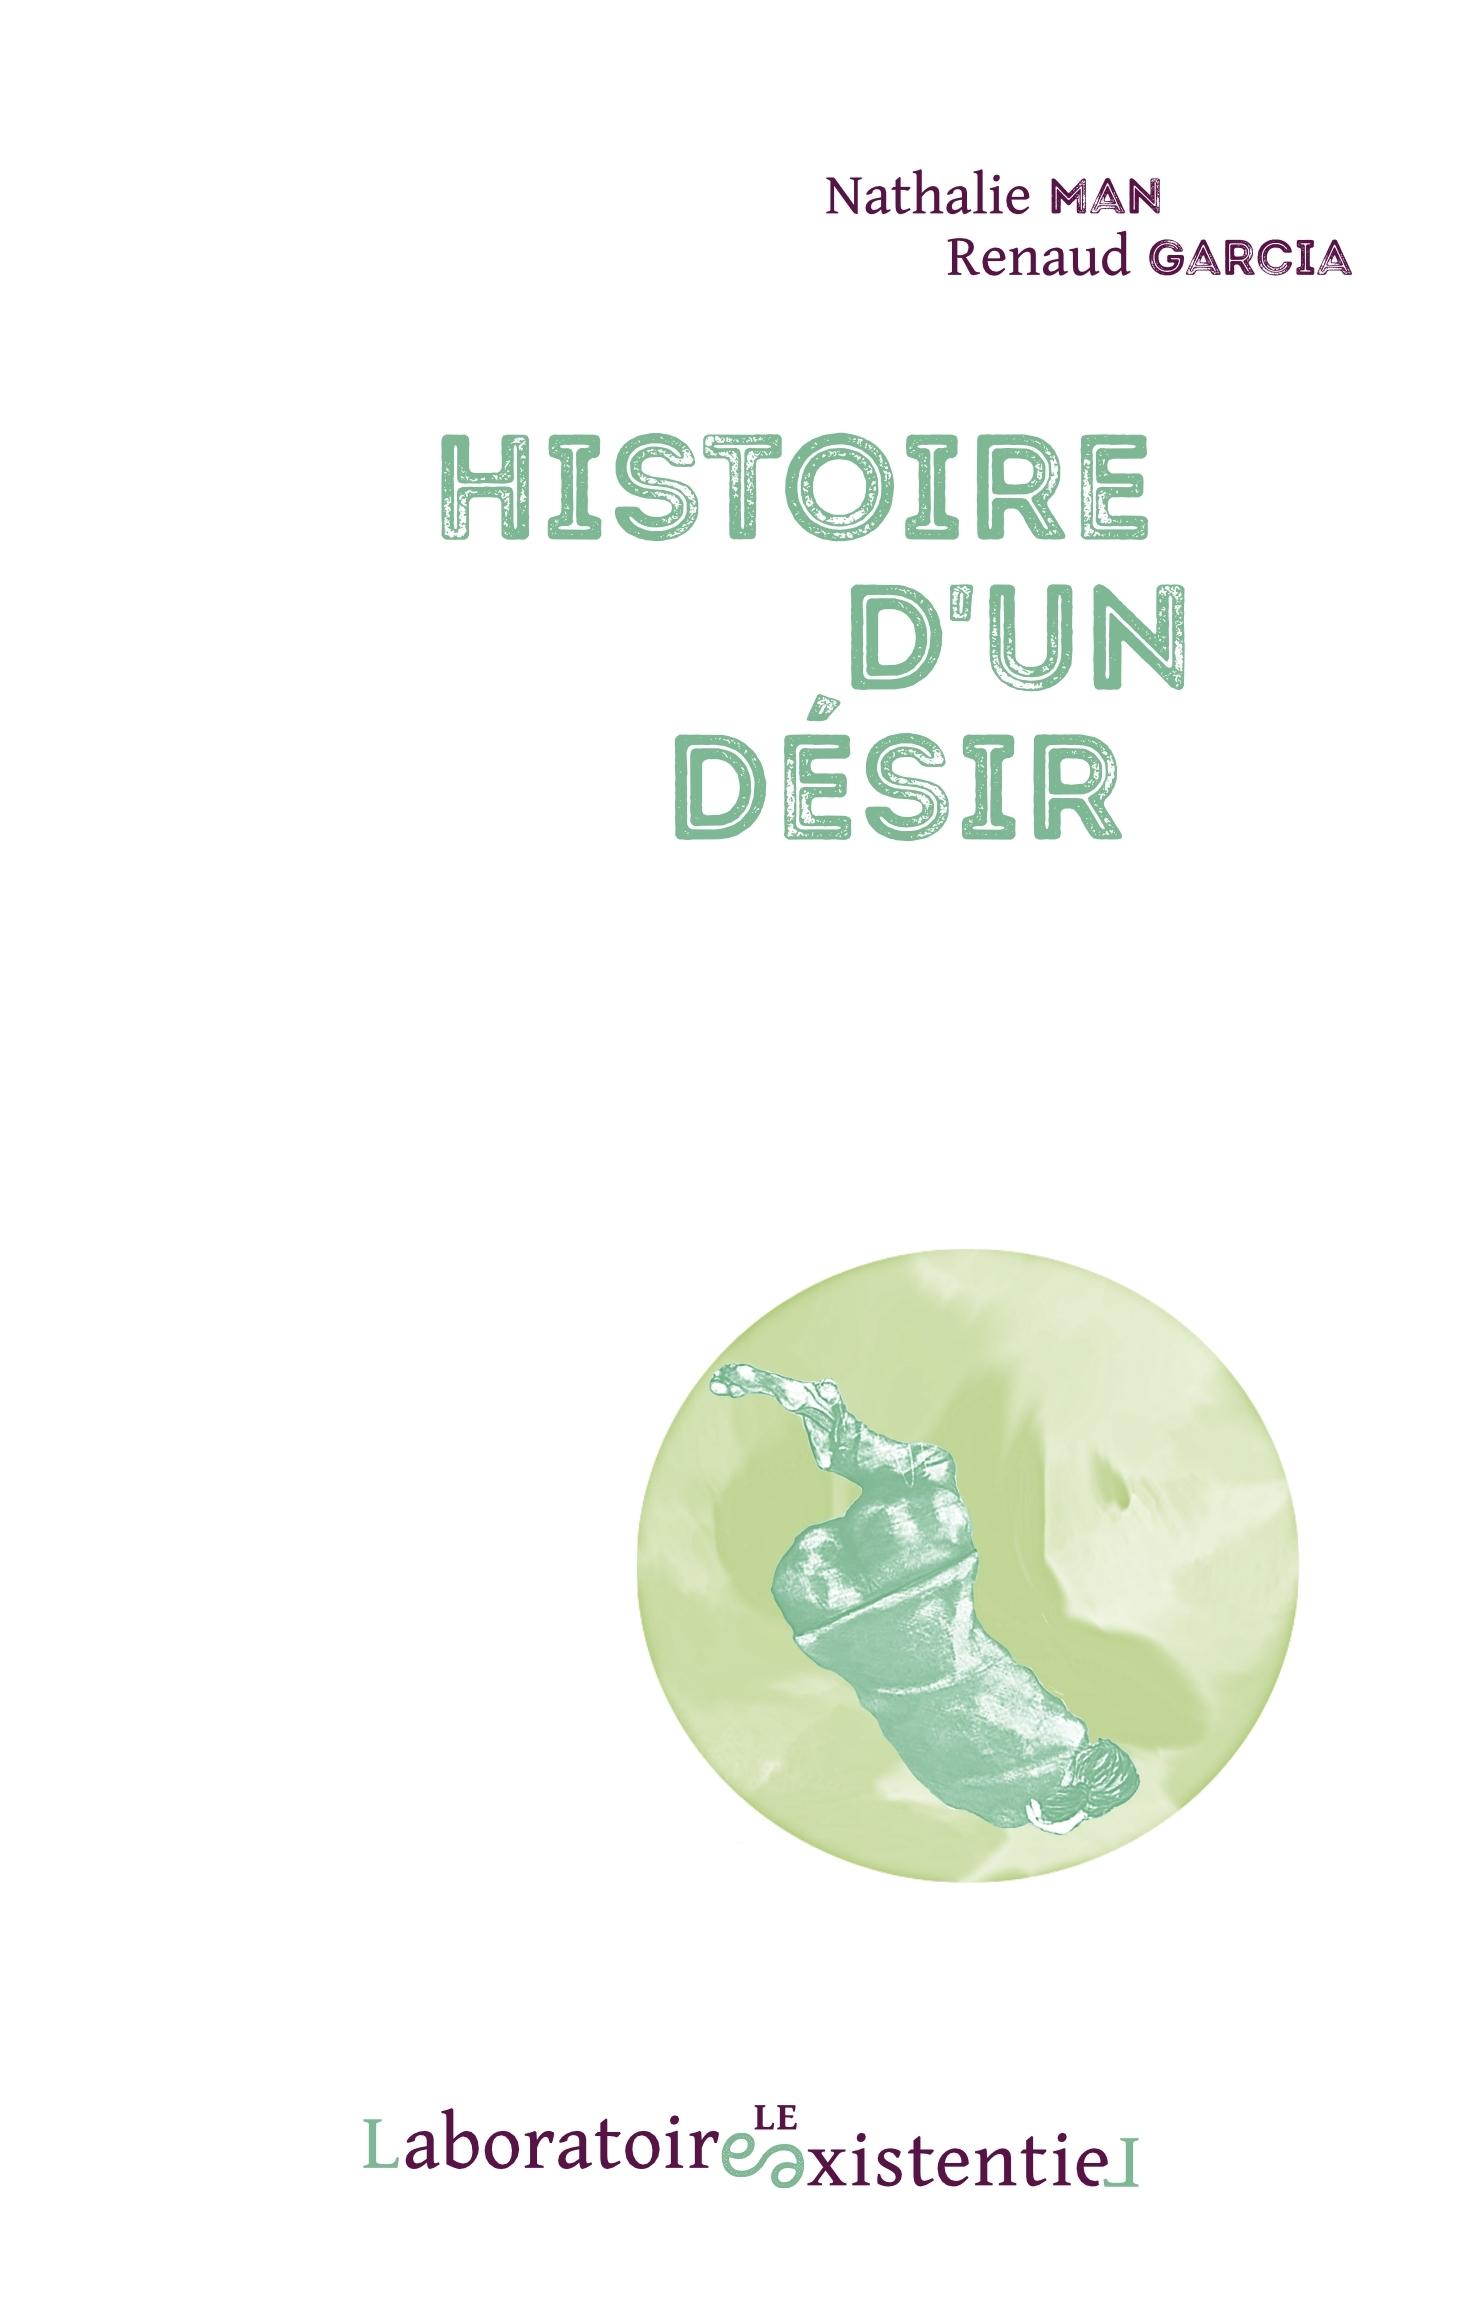 HISTOIRE D'UN DESIR